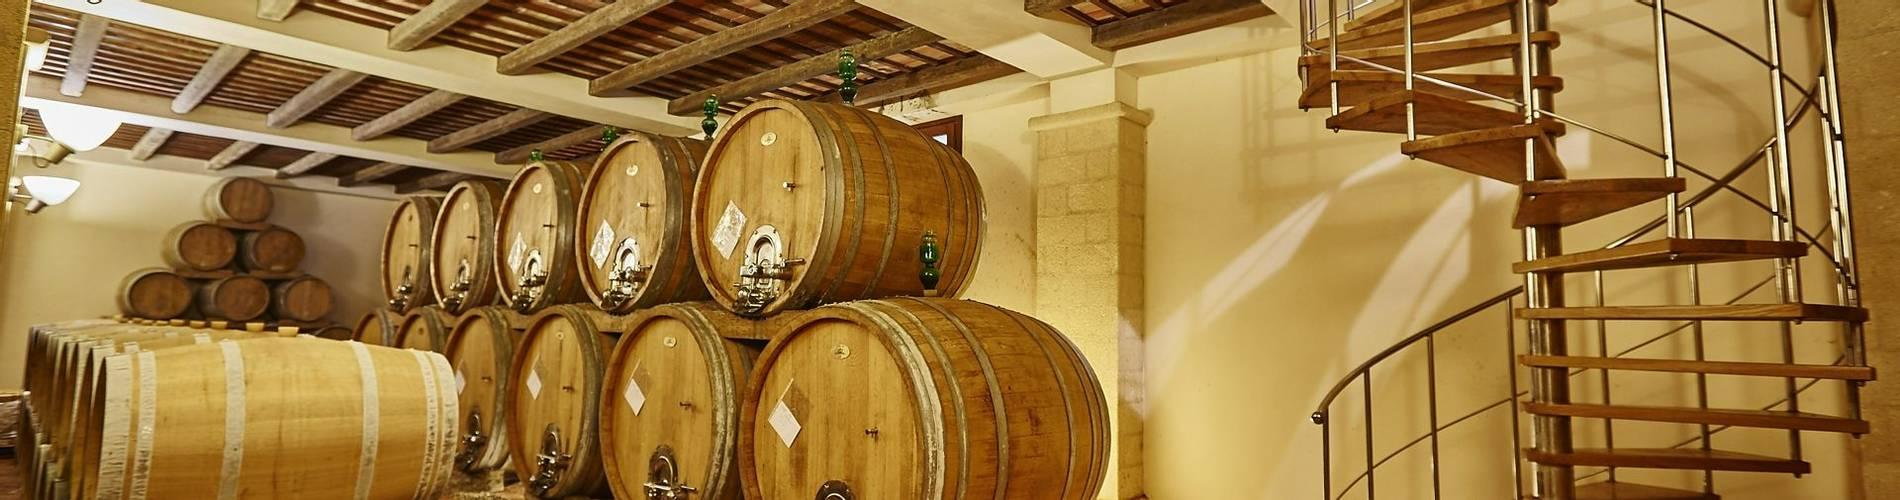 Baglio Donna Franca, Sicily, Italy (31).jpg